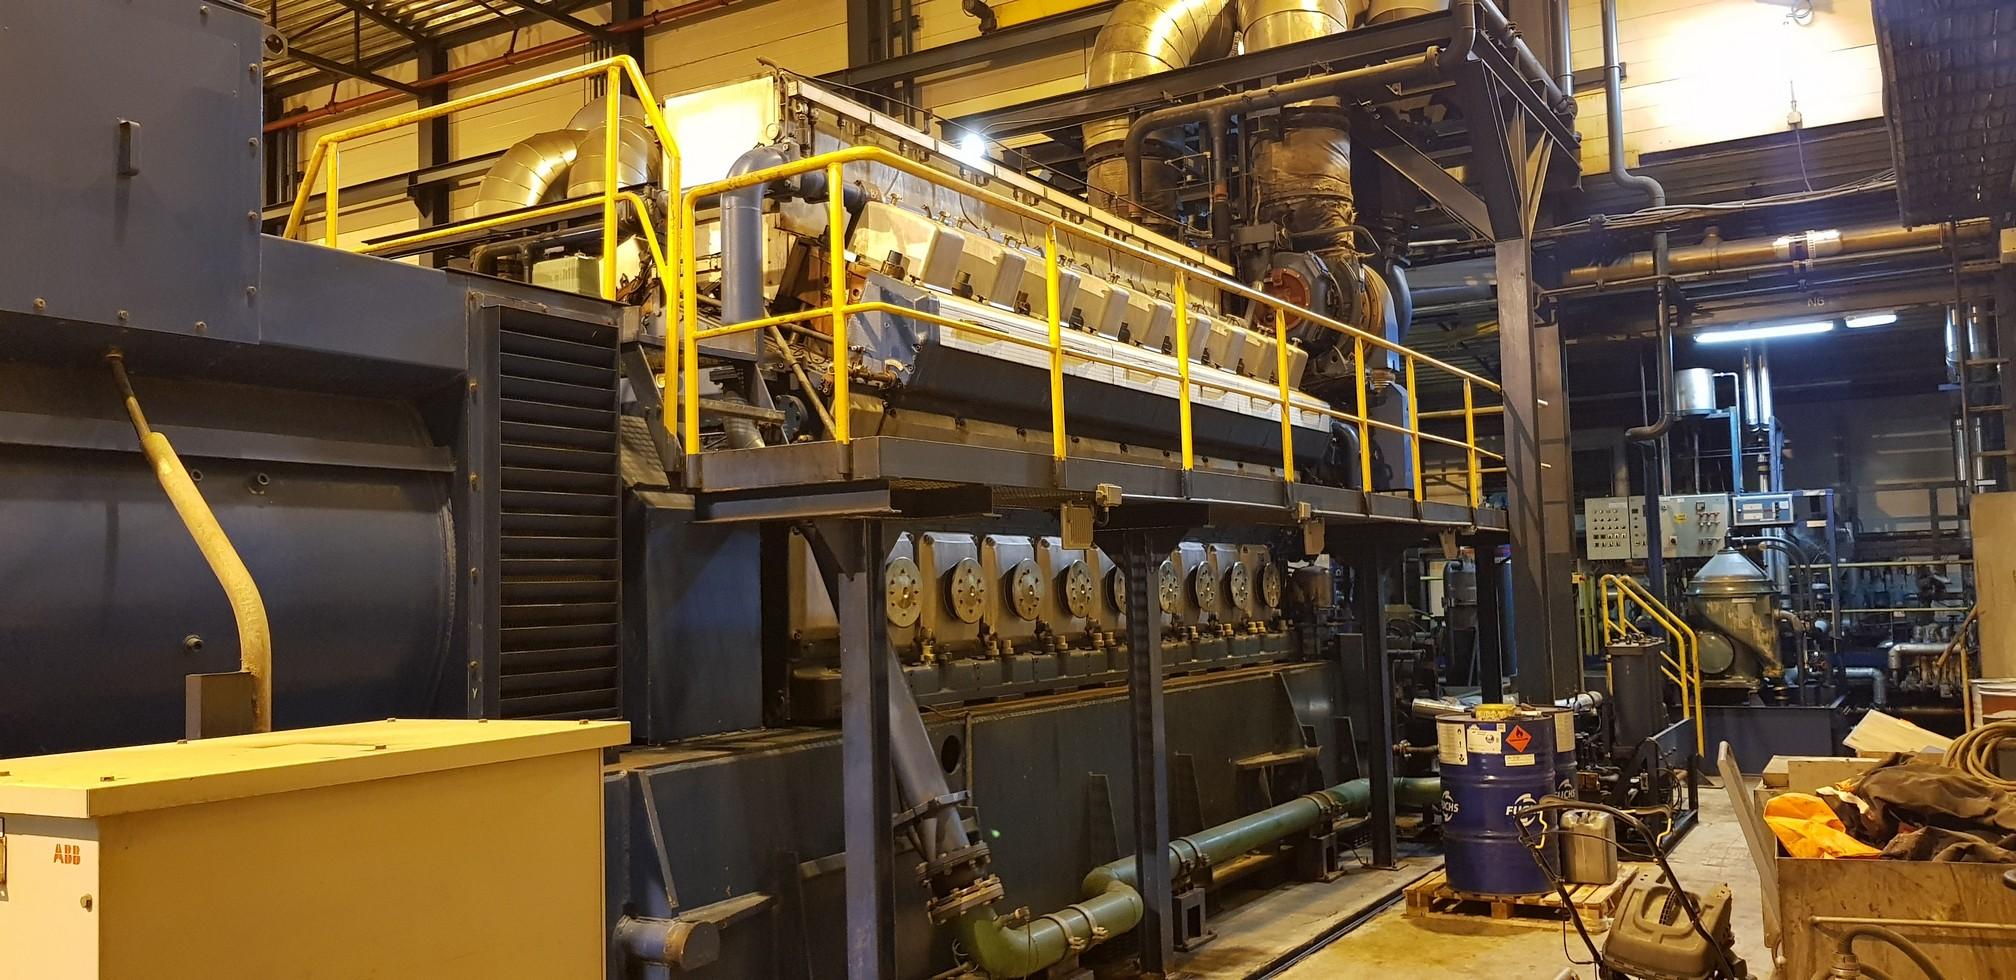 26000 KW 11000V 50HZ WARTSILA POWER PLANT         2000000-EU